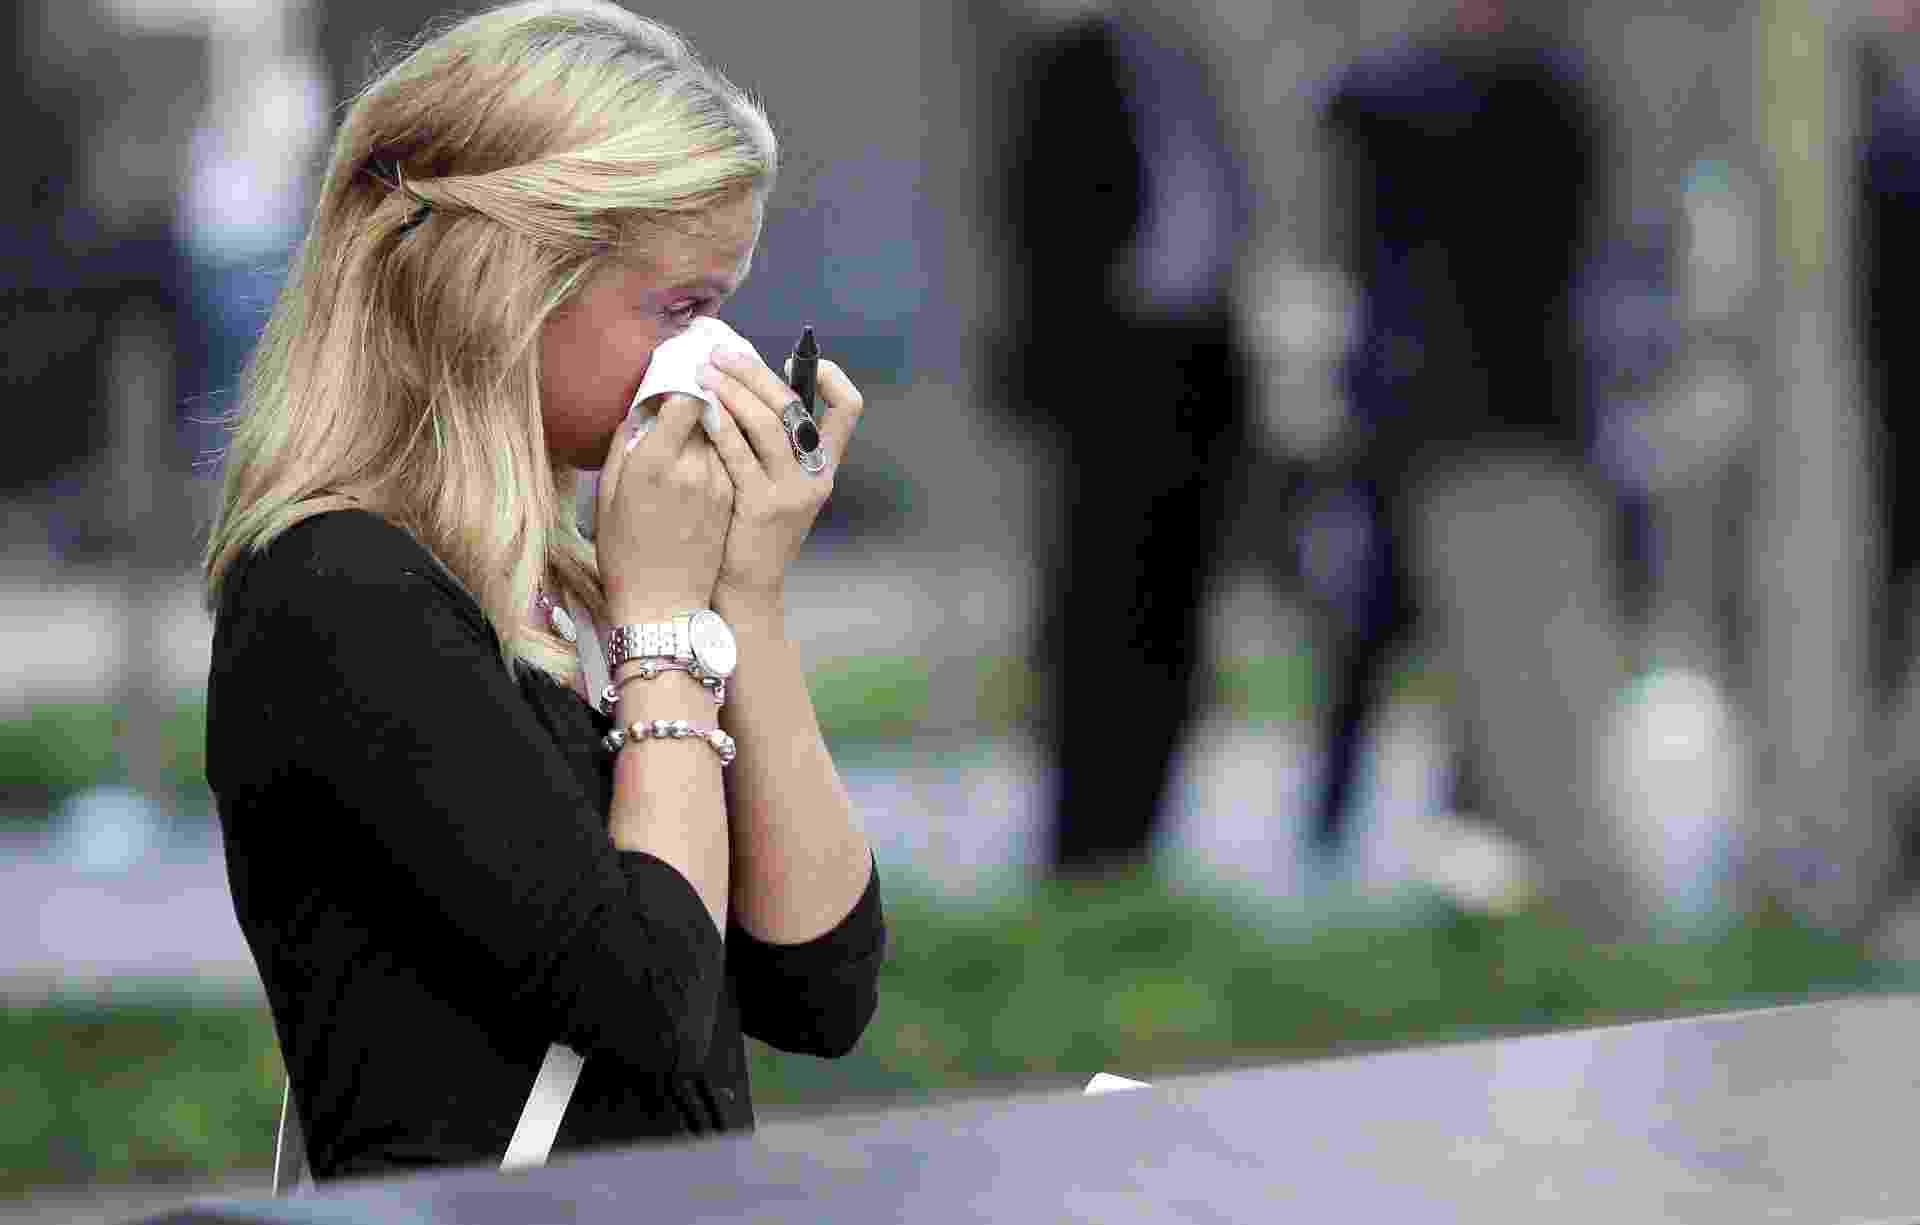 Kayla Fallon, filha de William Fallon, uma das 3.000 vítimas dos ataques de 11 de setembro de 2001, chora durante visita ao Memoriam 11/9, nesta quarta-feira (11), em Nova York. Na época dos atentados, Kayla tinha 8 anos de idade - John Angelillo/Afp